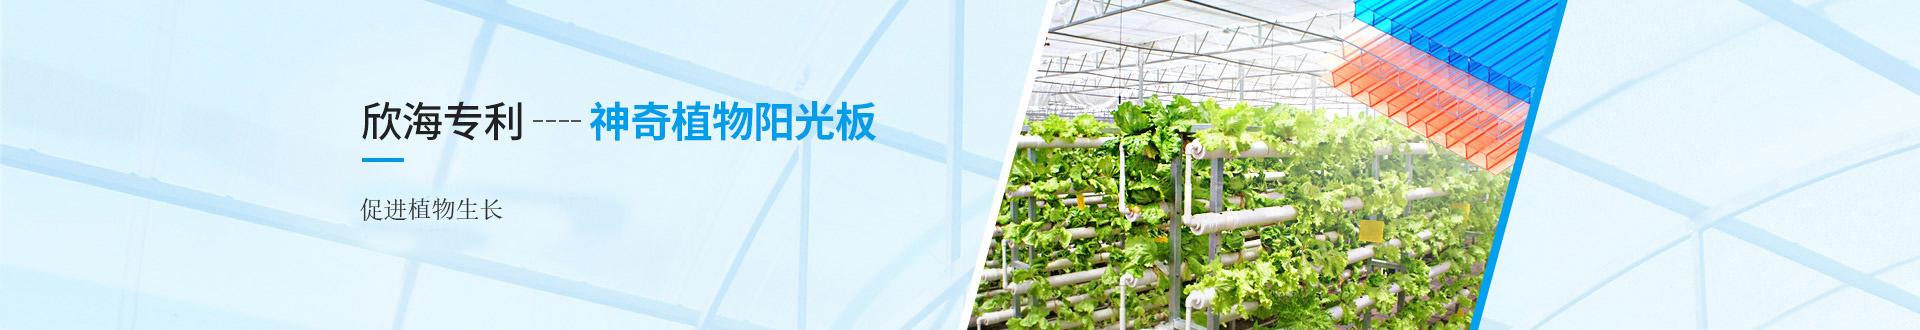 欣海专利,神奇植物阳光板